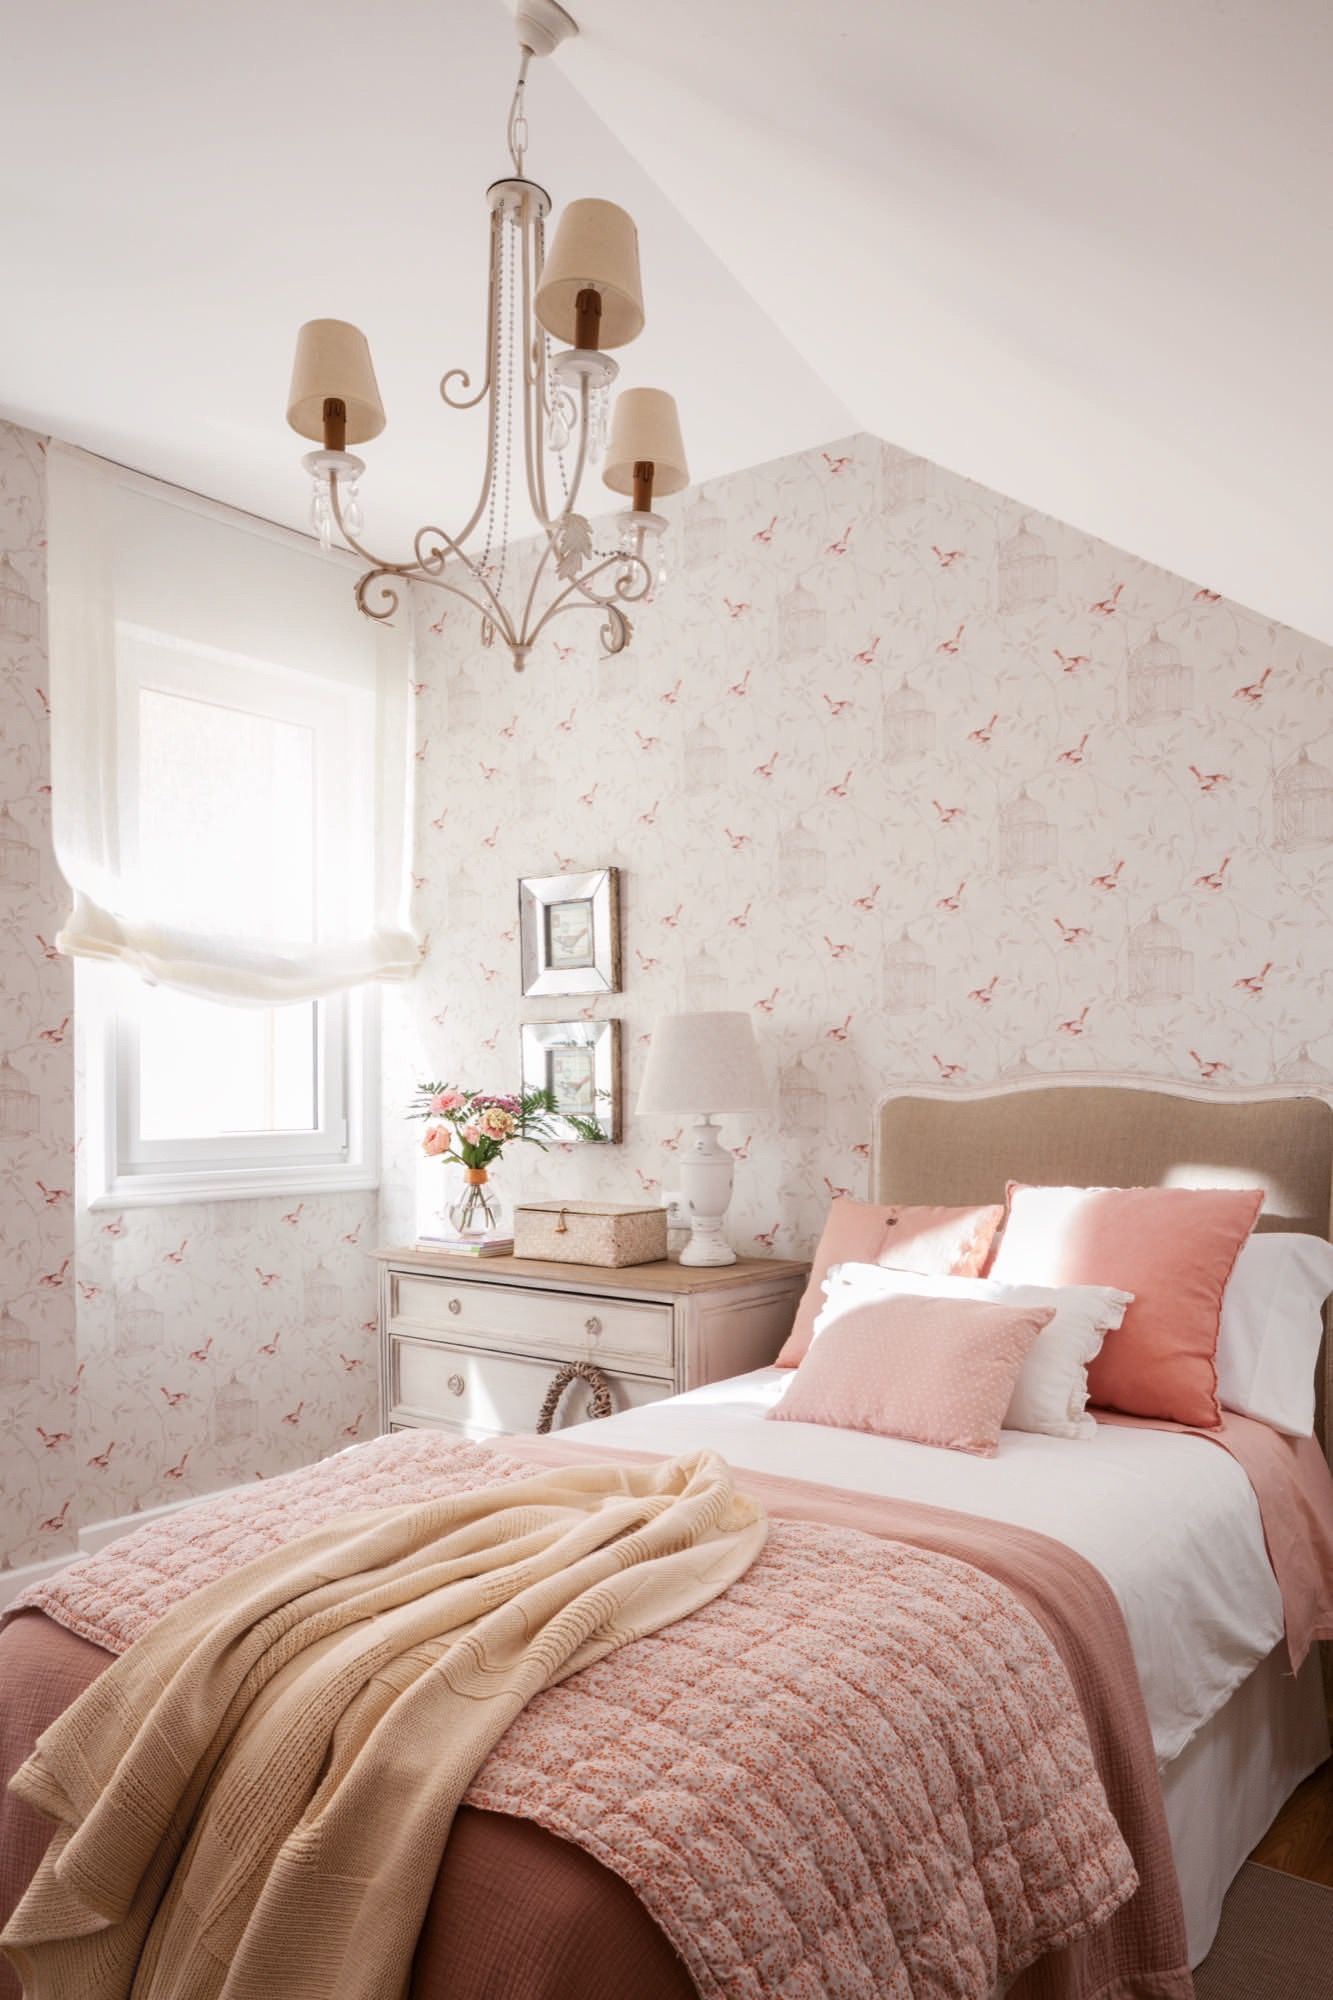 El cuarto infantil en 2019 dormitorios infantiles - Decoracion habitaciones juveniles nina ...